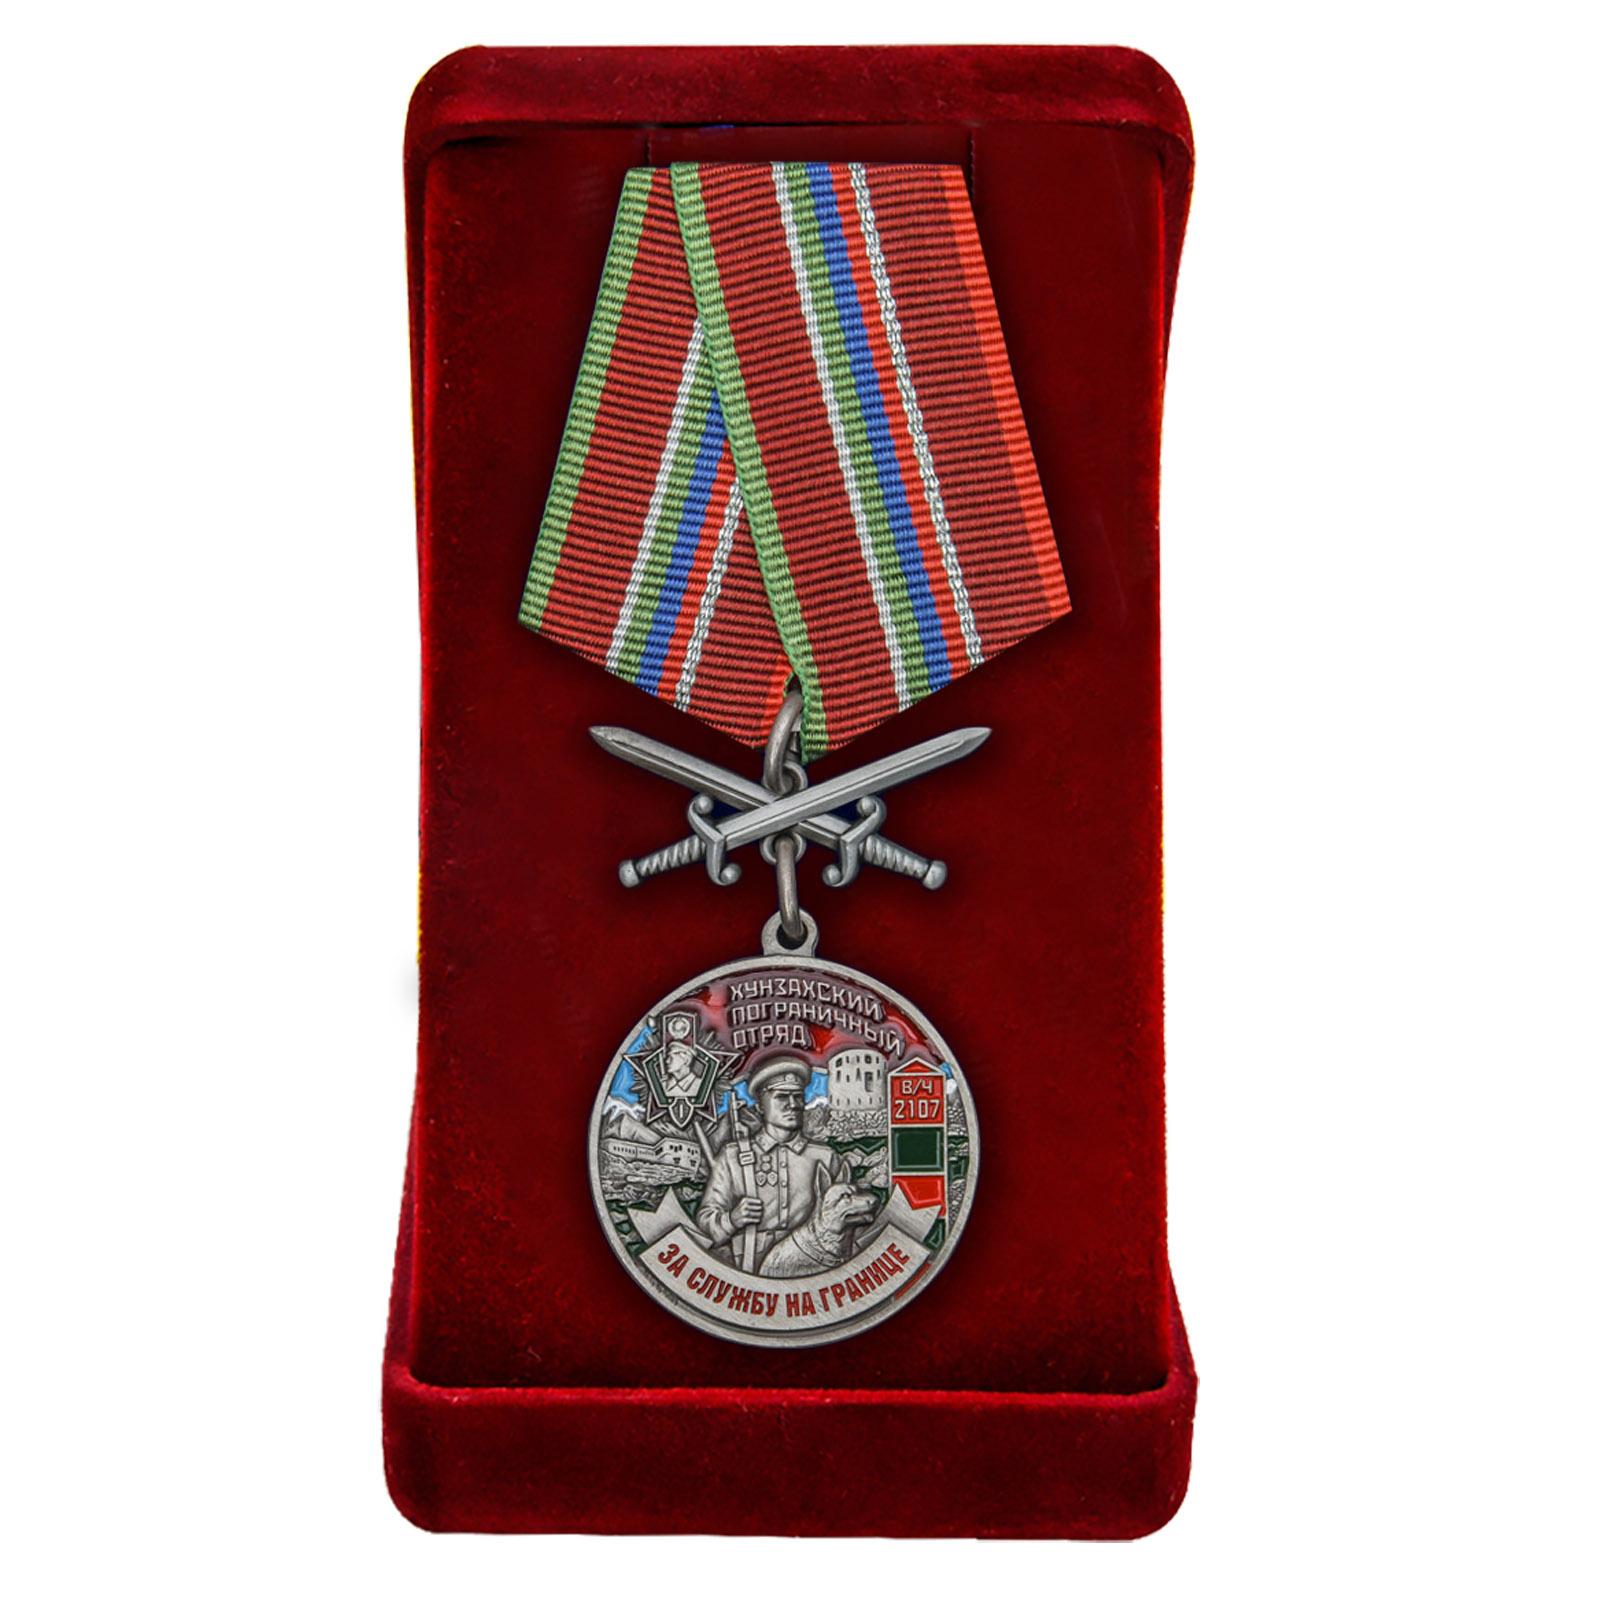 Купить медаль За службу в Хунзахском пограничном отряде онлайн выгодно